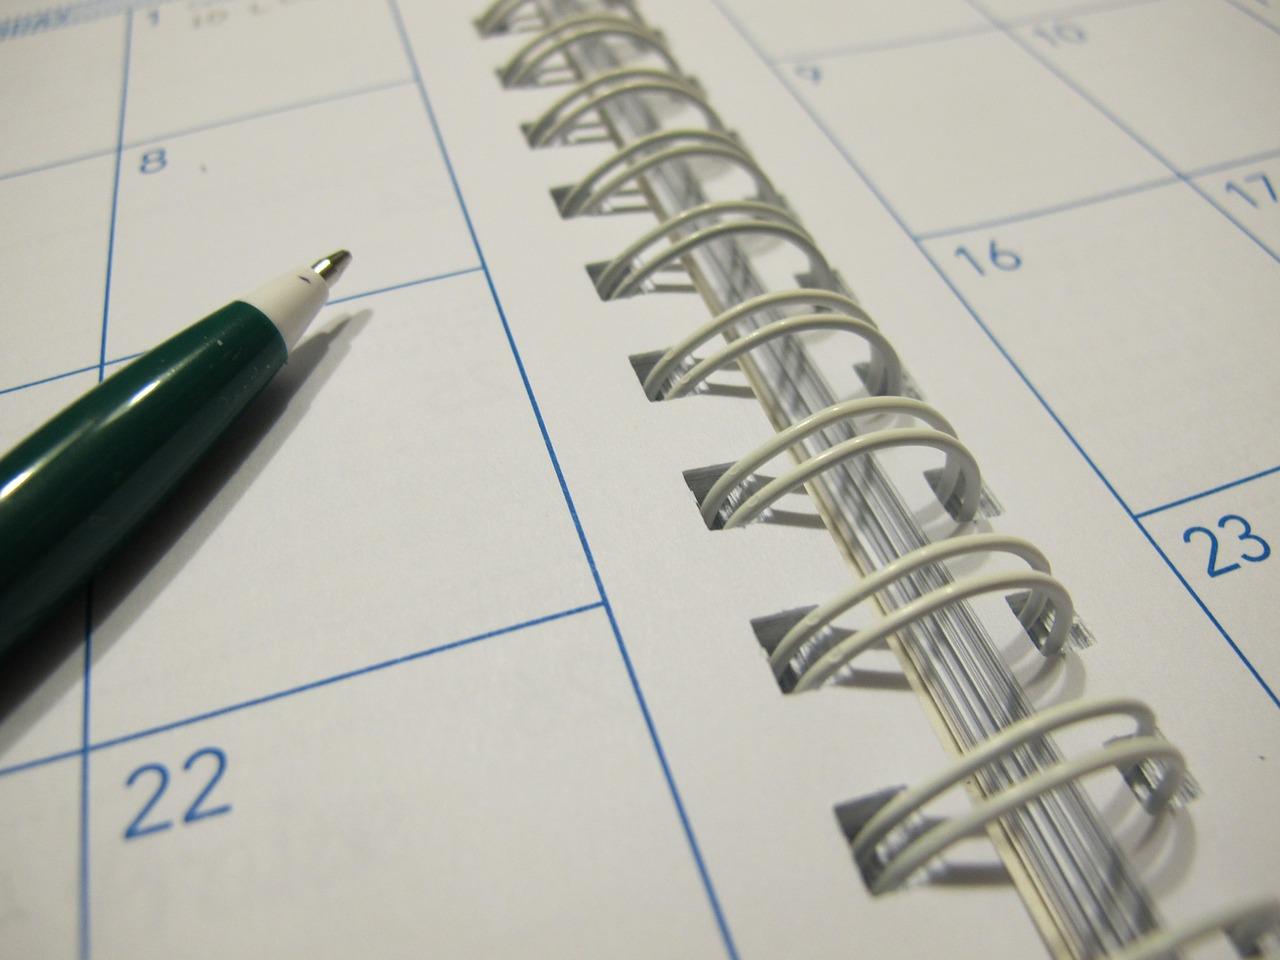 productive hours break schedule